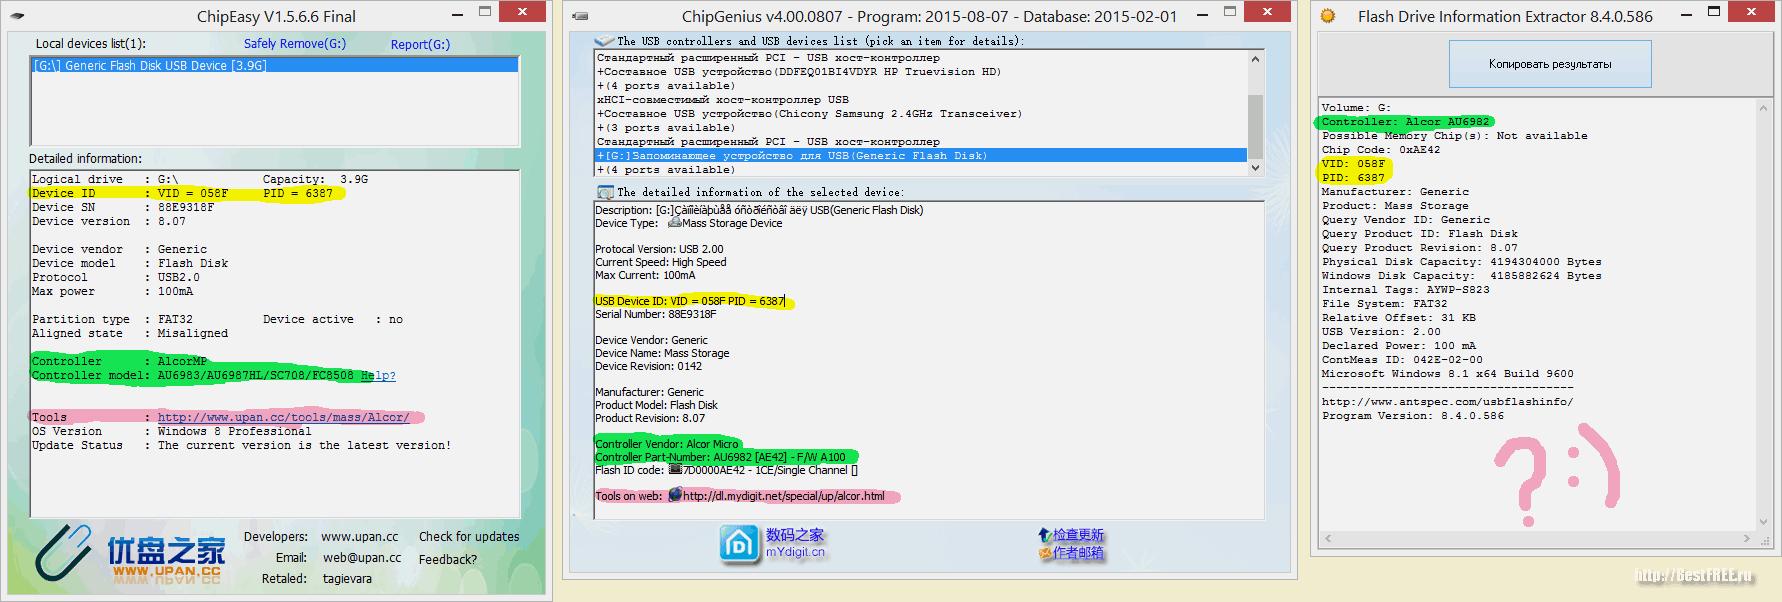 Flash drive information extractor скачать бесплатно русская версия.